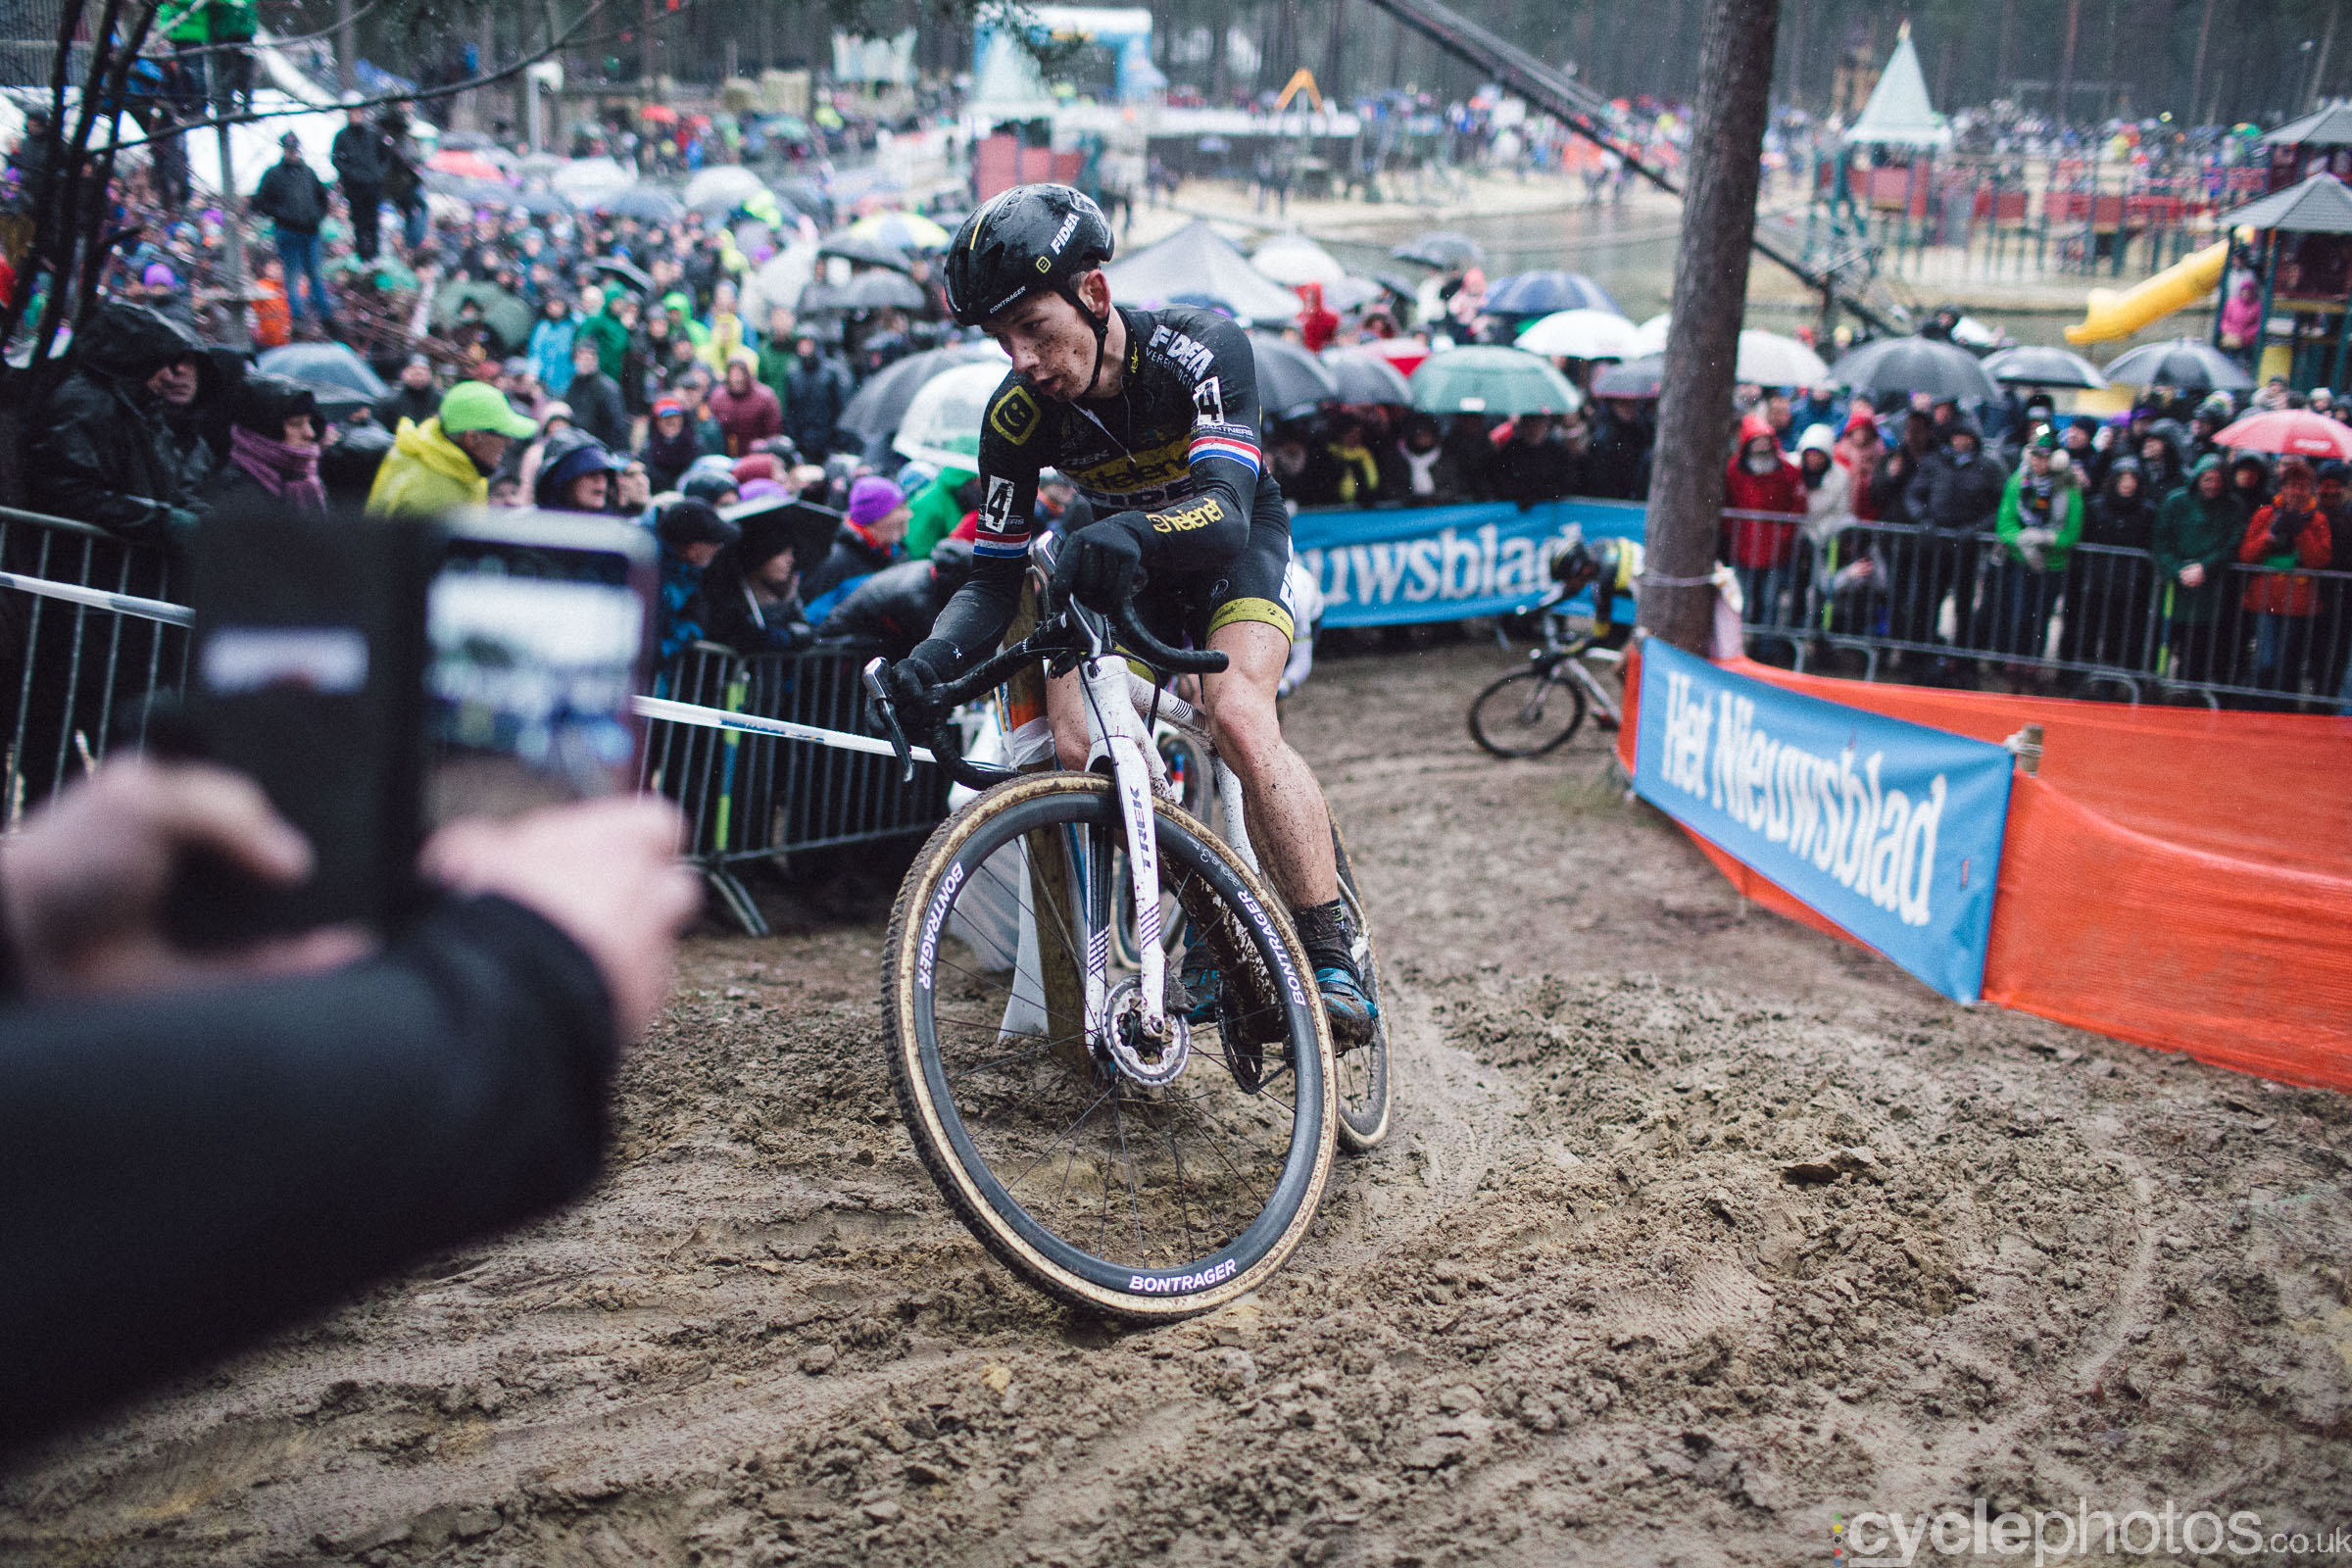 Cyclocross DVV Verzekeringen Trofee #8 - Krawatencross, Lille